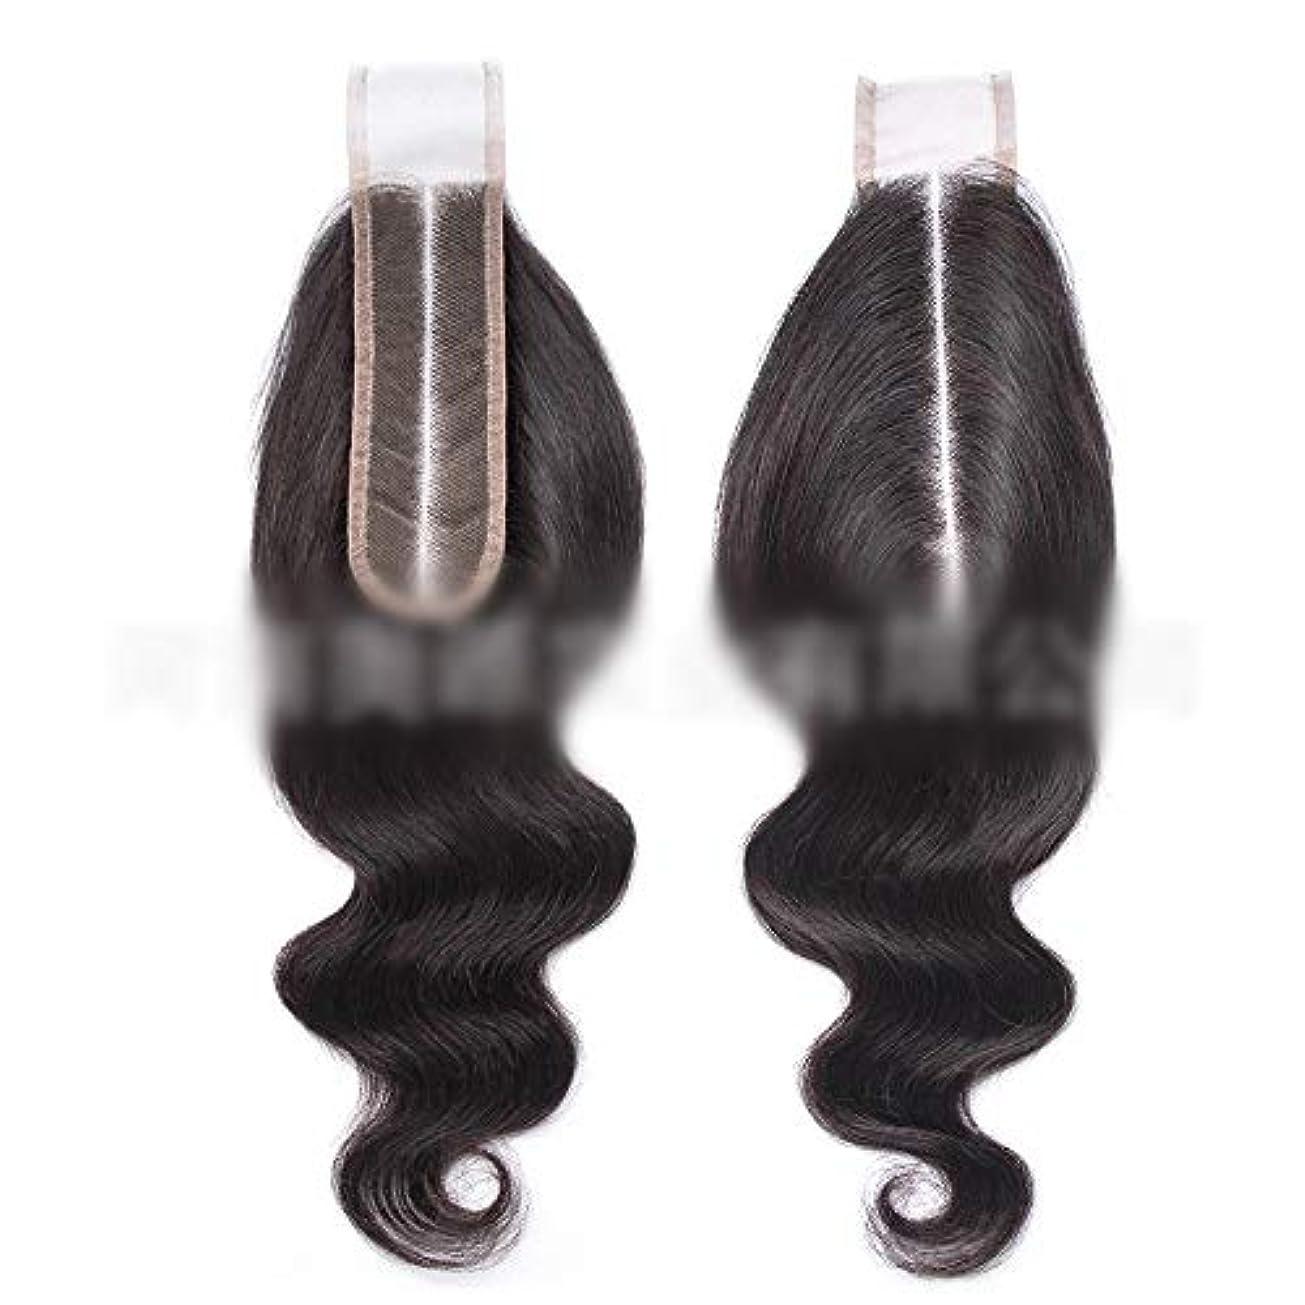 義務づける承認する昆虫HOHYLLYA ブラジルのバージン実体波の毛ブラジルの人間の髪の毛中央部2 x 6レース前頭閉鎖ロールプレイングかつら女性のかつら (色 : 黒, サイズ : 8 inch)